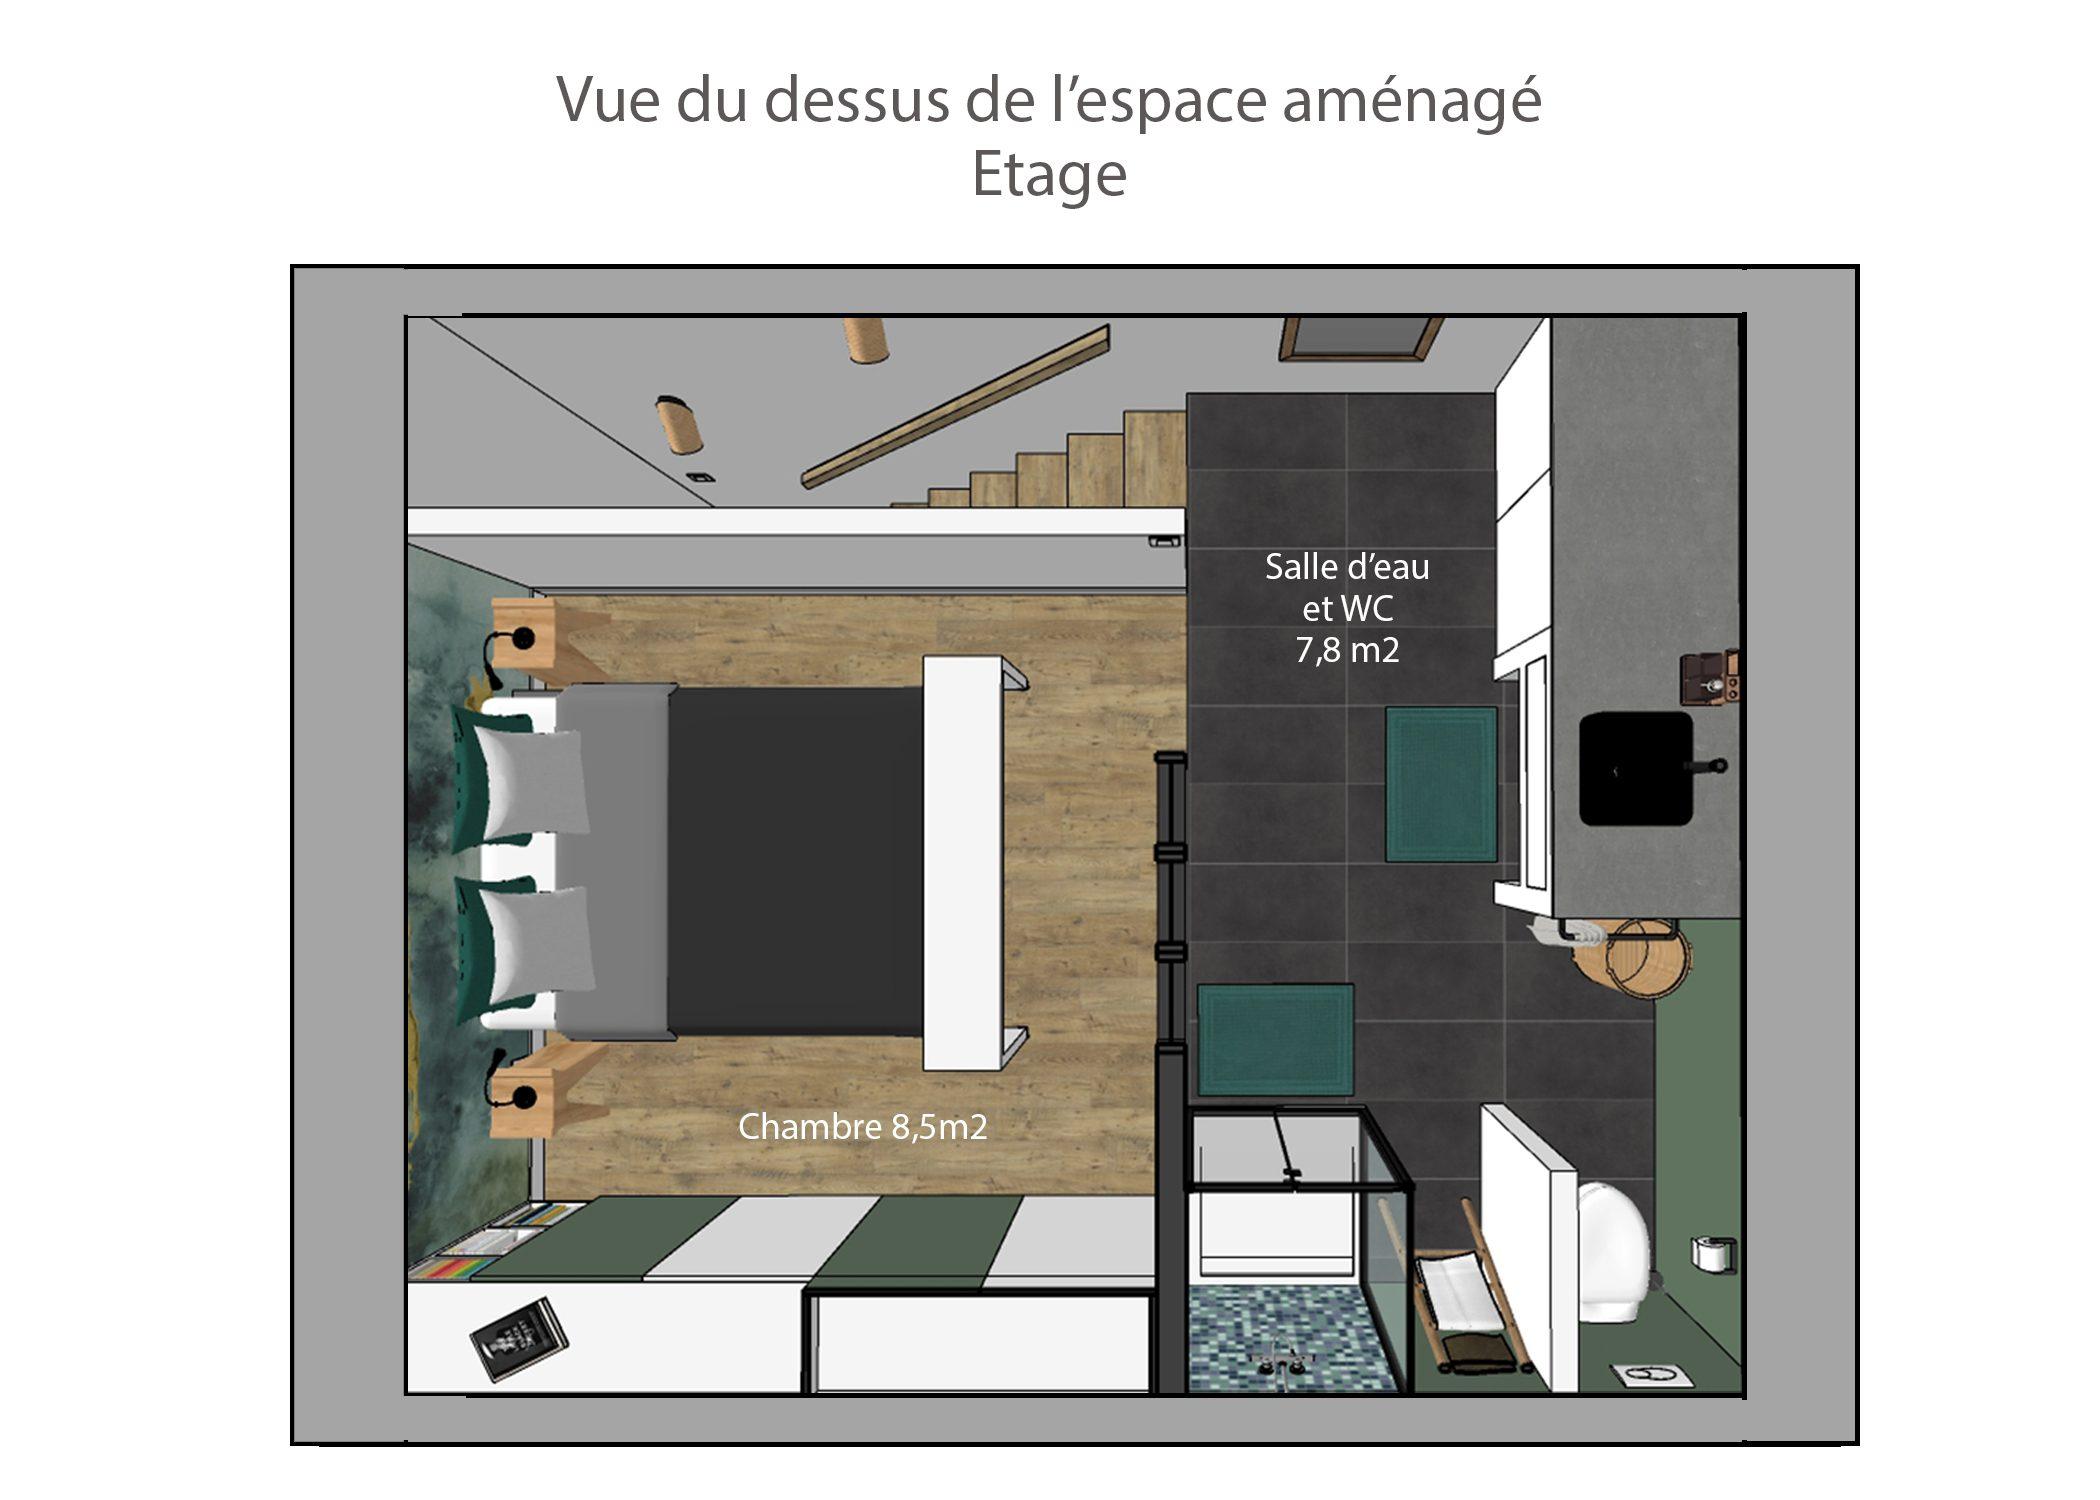 agencement petit espace-vue du dessus etage-region lyonnaise-dekho design